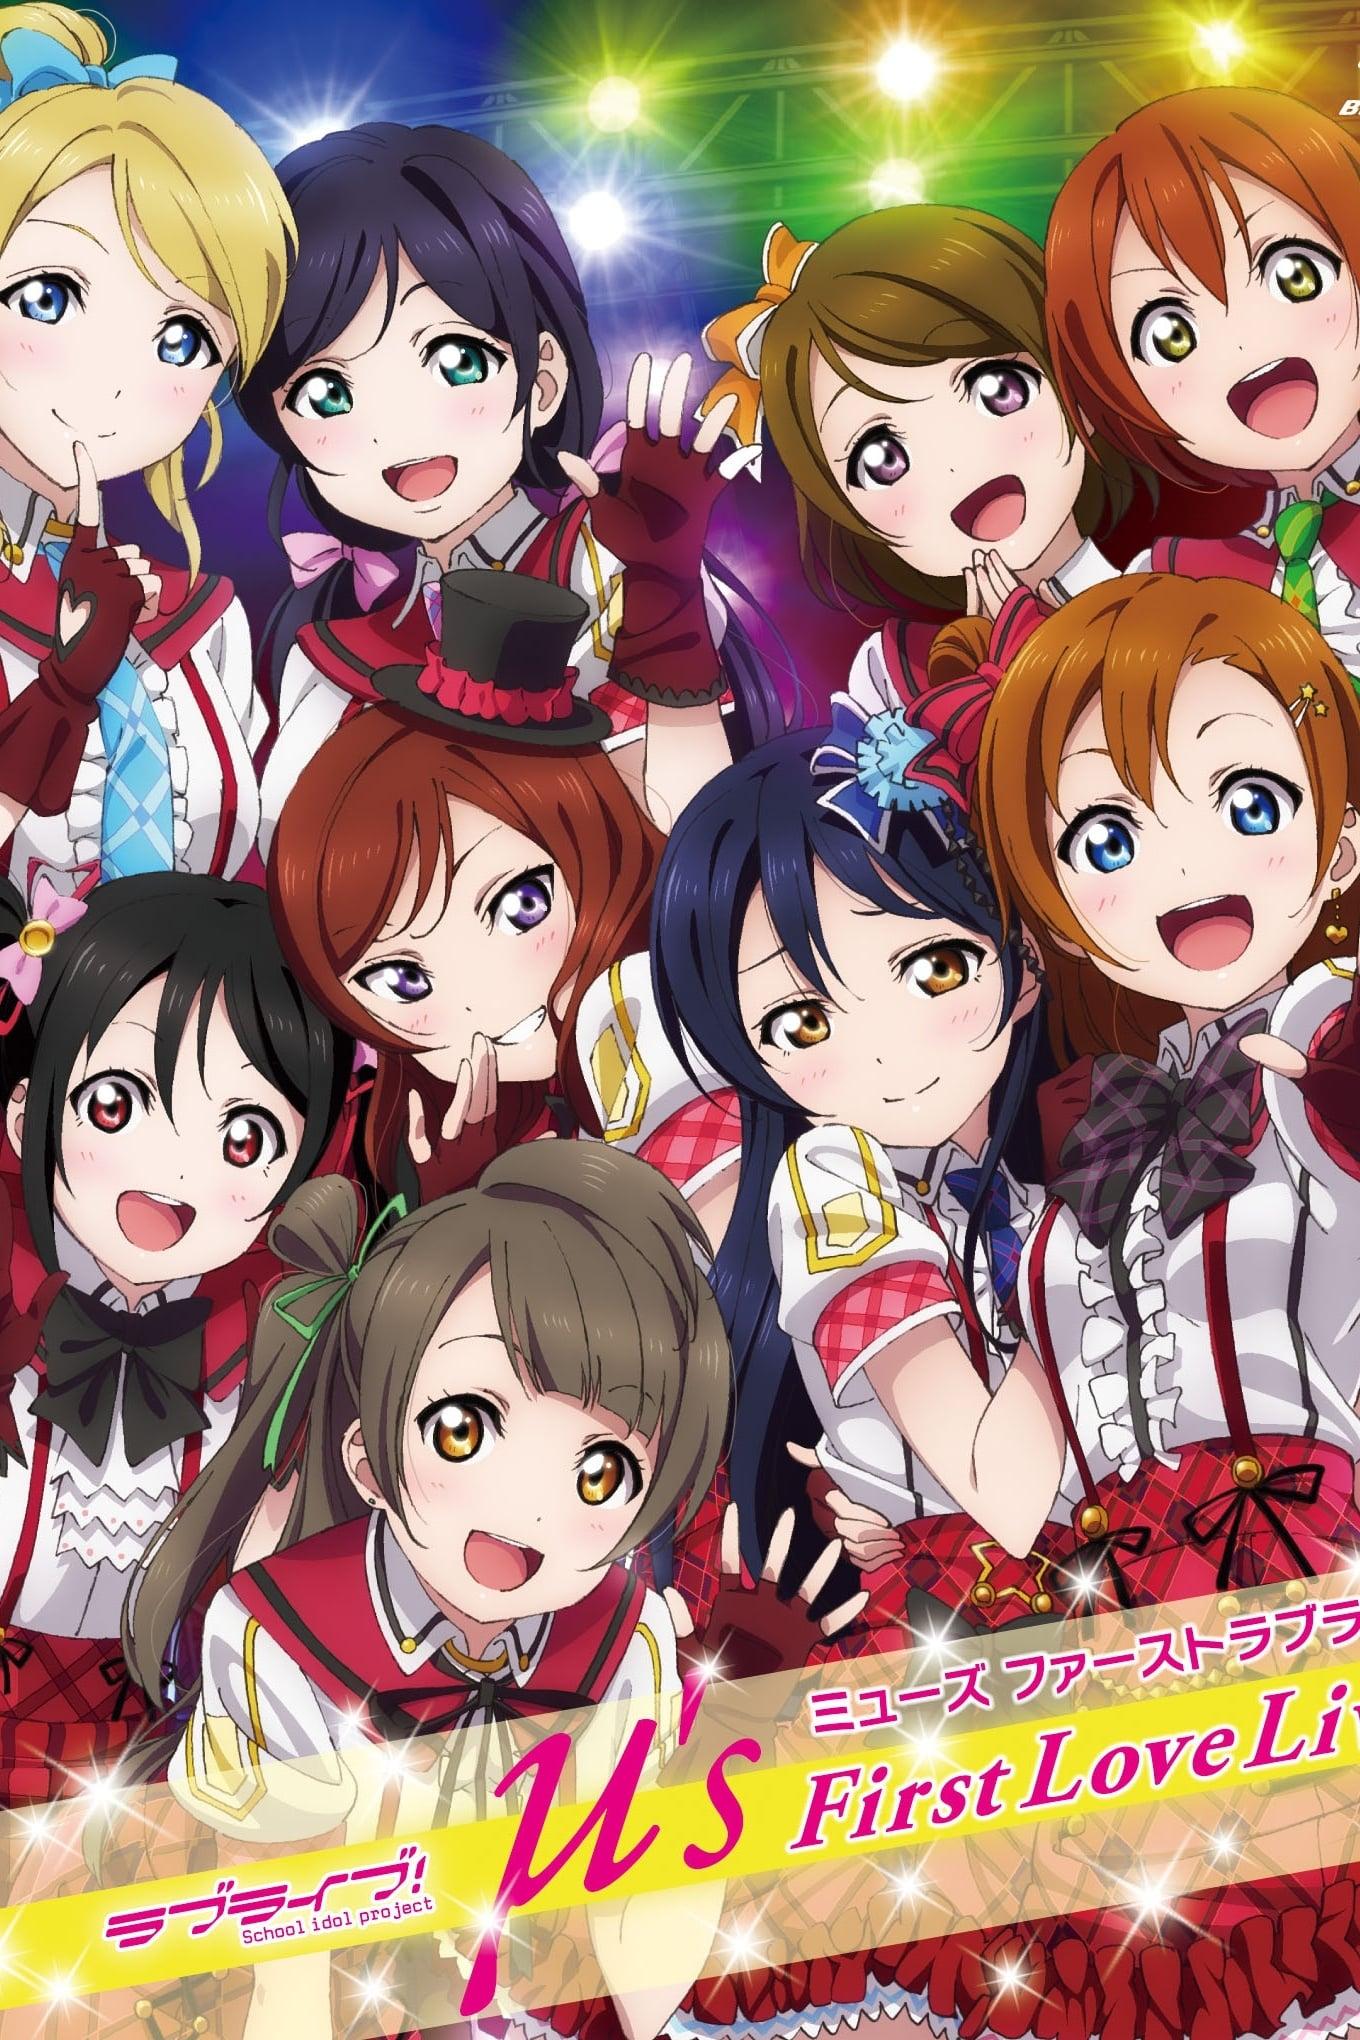 μ's First Love Live! (2012)